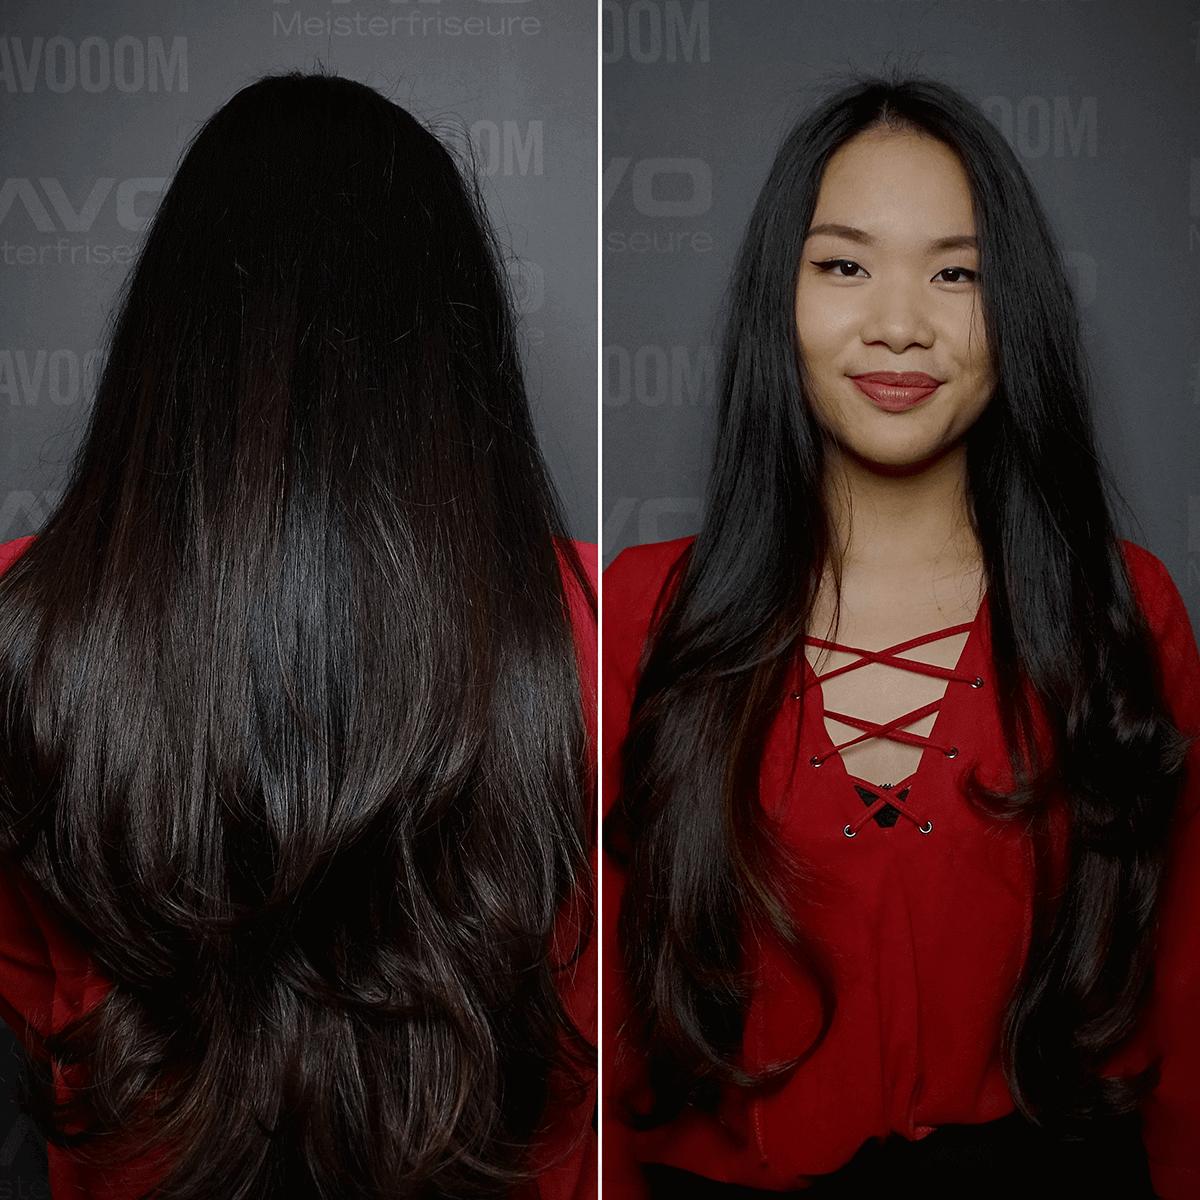 Guter Friseur in Essen: PAVO Friseure - V-Form Schnitt für sehr